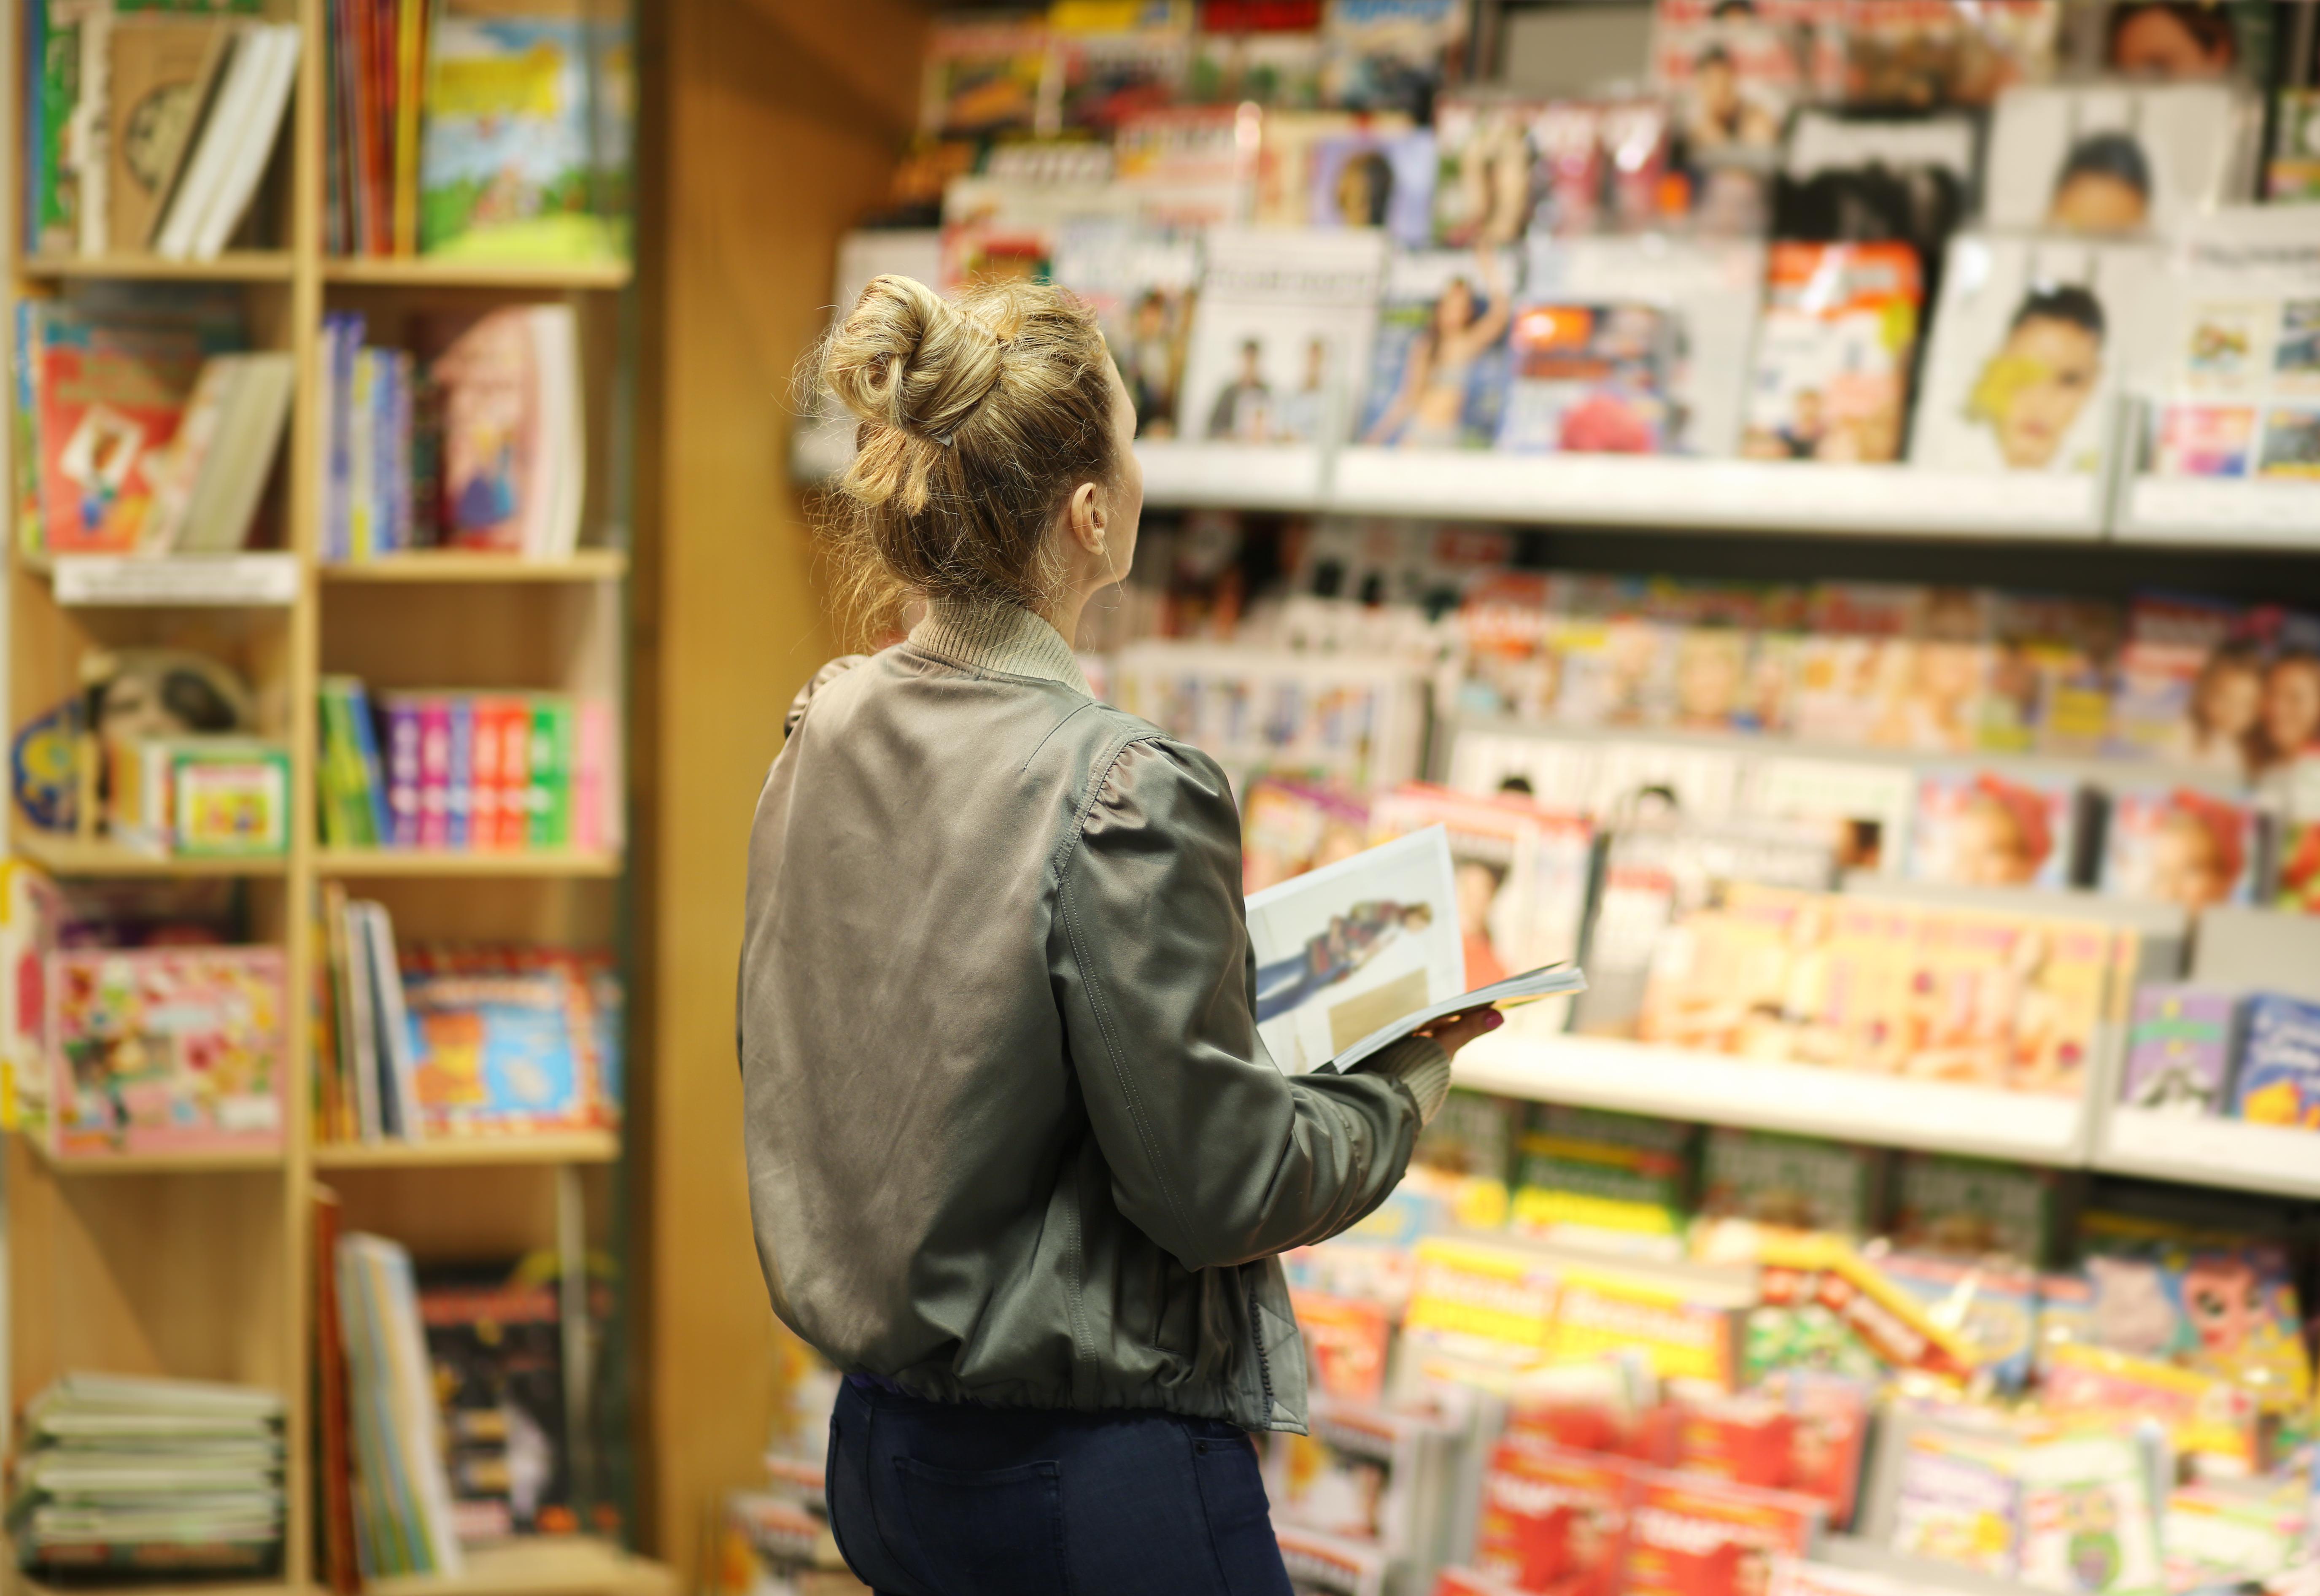 <p><strong>Списания</strong></p>  <p>Списанията и вестниците в магазините много често се продават с надценка. Затова е най-добре, ако сте от хората, които често си купувате хартиени издания е да се абонирате за конкретните за тях. Първото удобство е, че ще получавате в дома си списанията, които обичате и със сигурност ще ви излезе по-изгодно.<br /> &nbsp;</p>